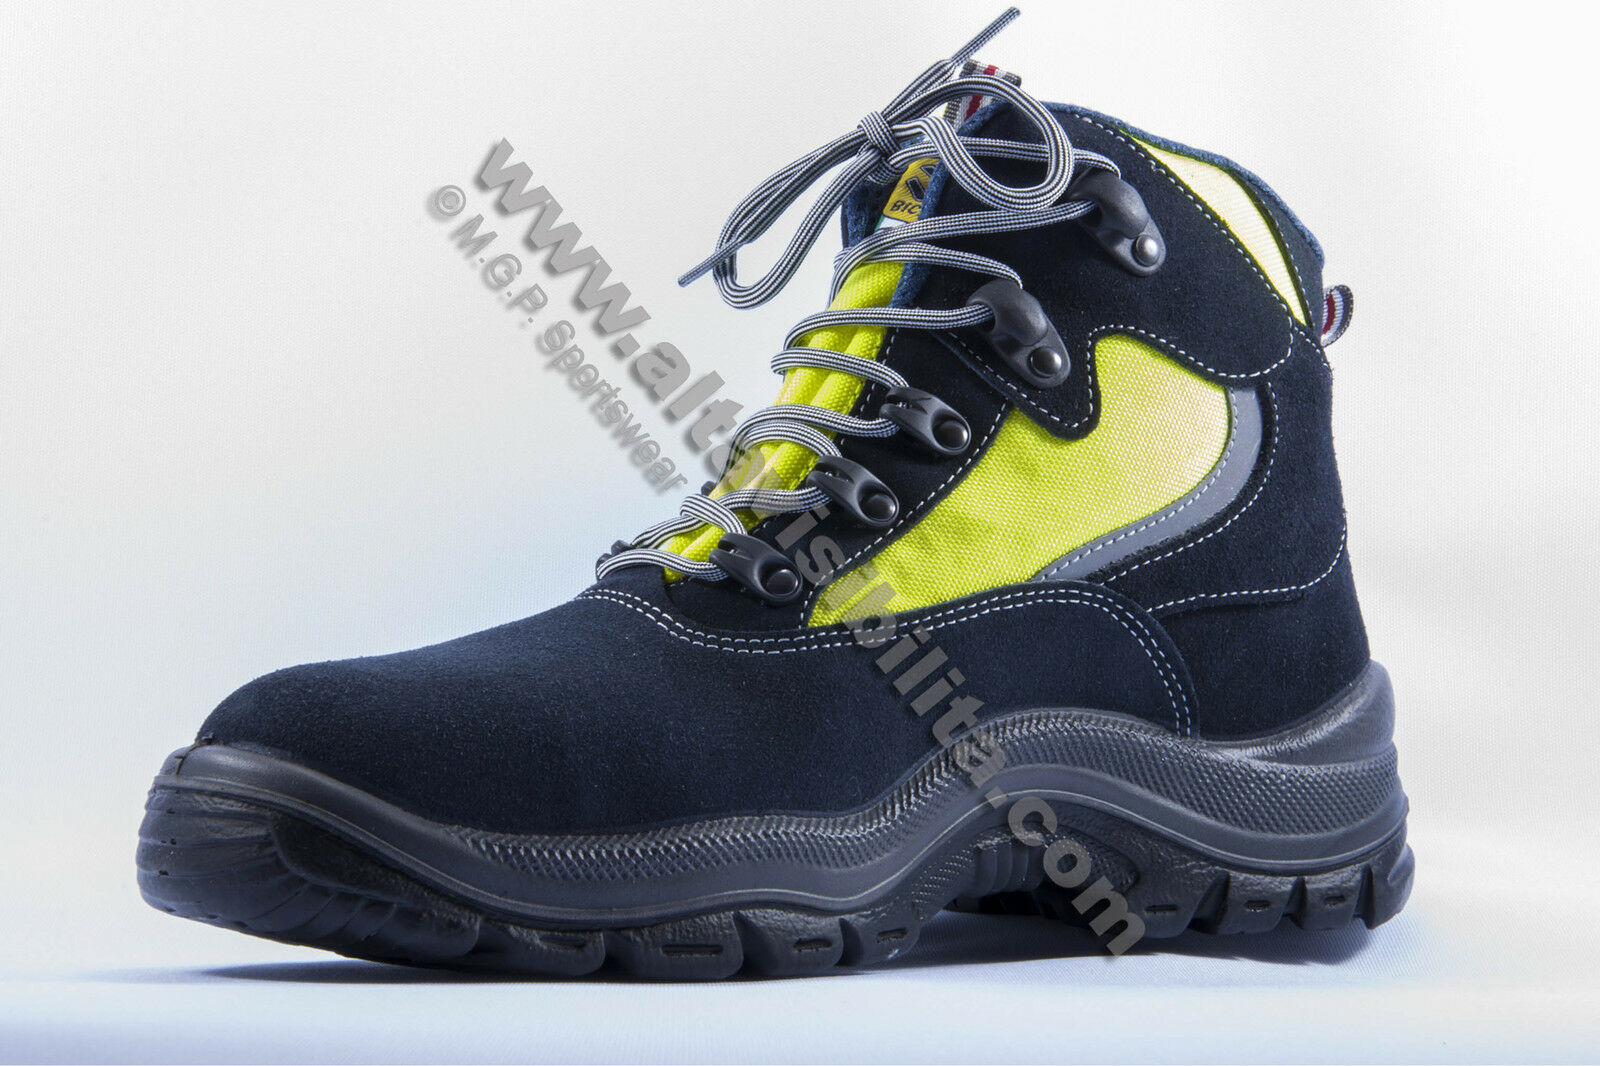 Zapatos SCARPONCINO S3   SOCCORSO SANITARIO 118 SOCCORRITORI   PROTEZIONE CIVILE e7a77e